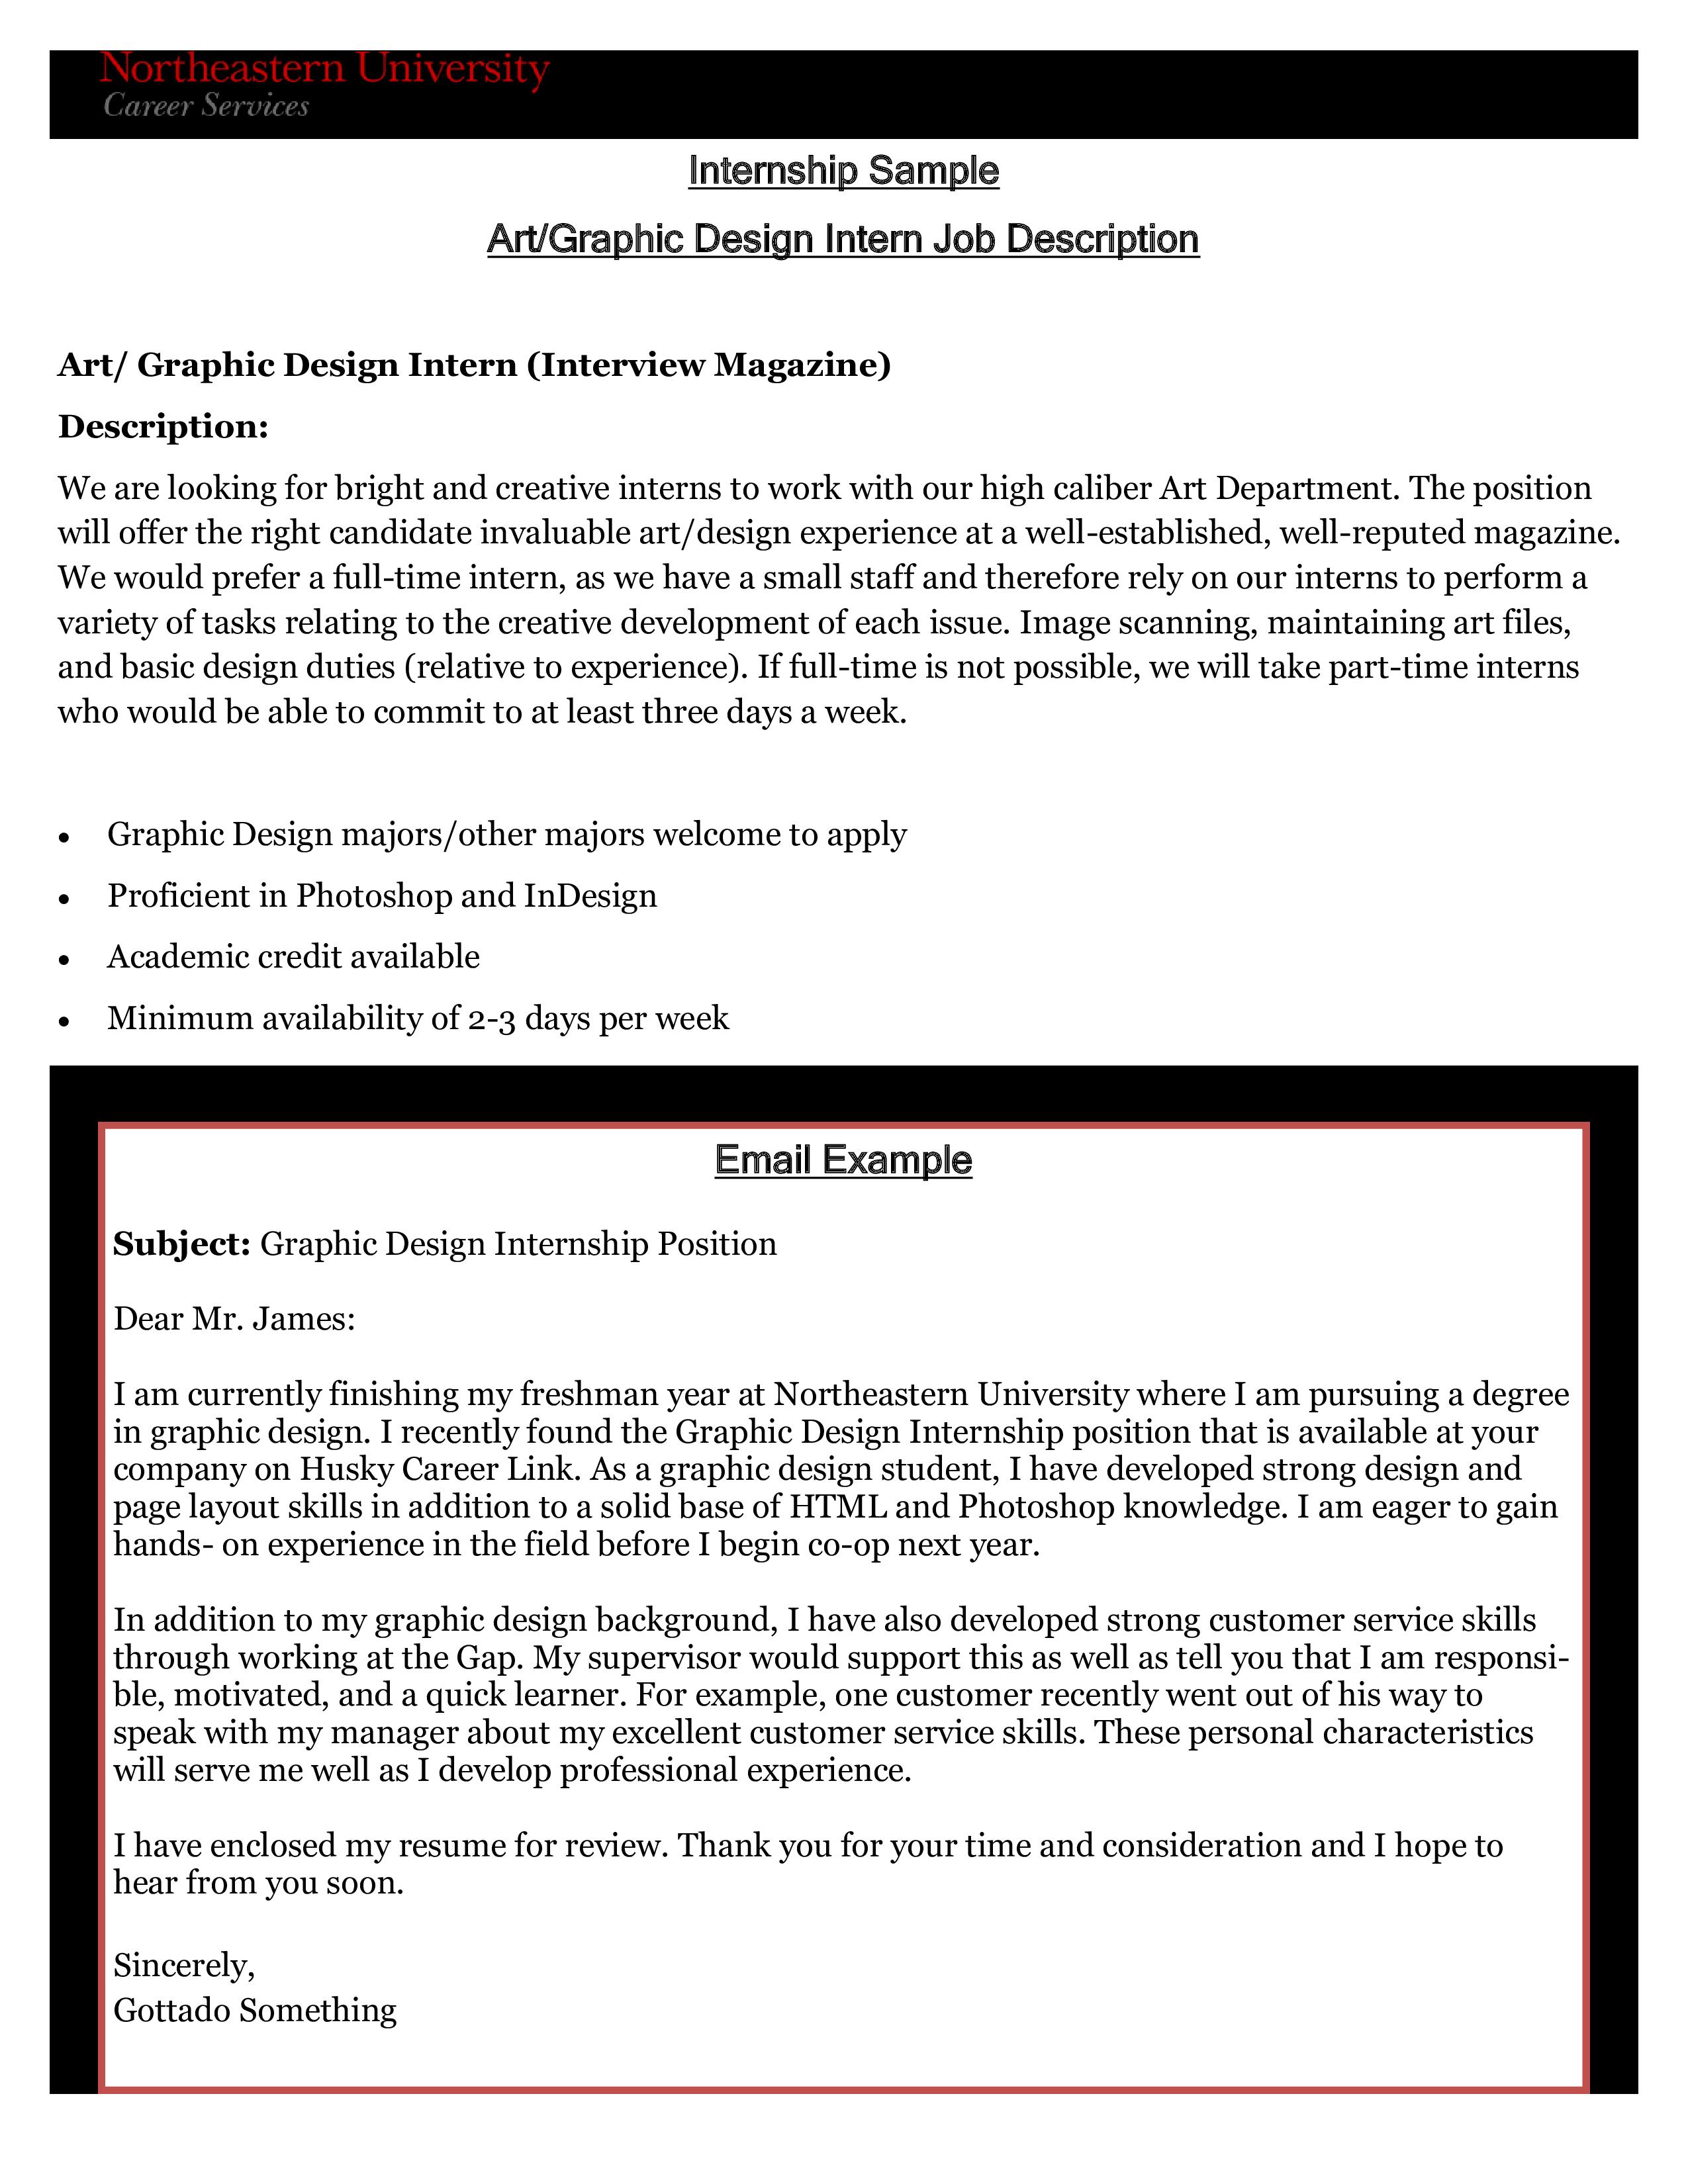 bra utseende detaljerade bilder leta efter Graphic Designer Internship Job Application Letter - How to write ...